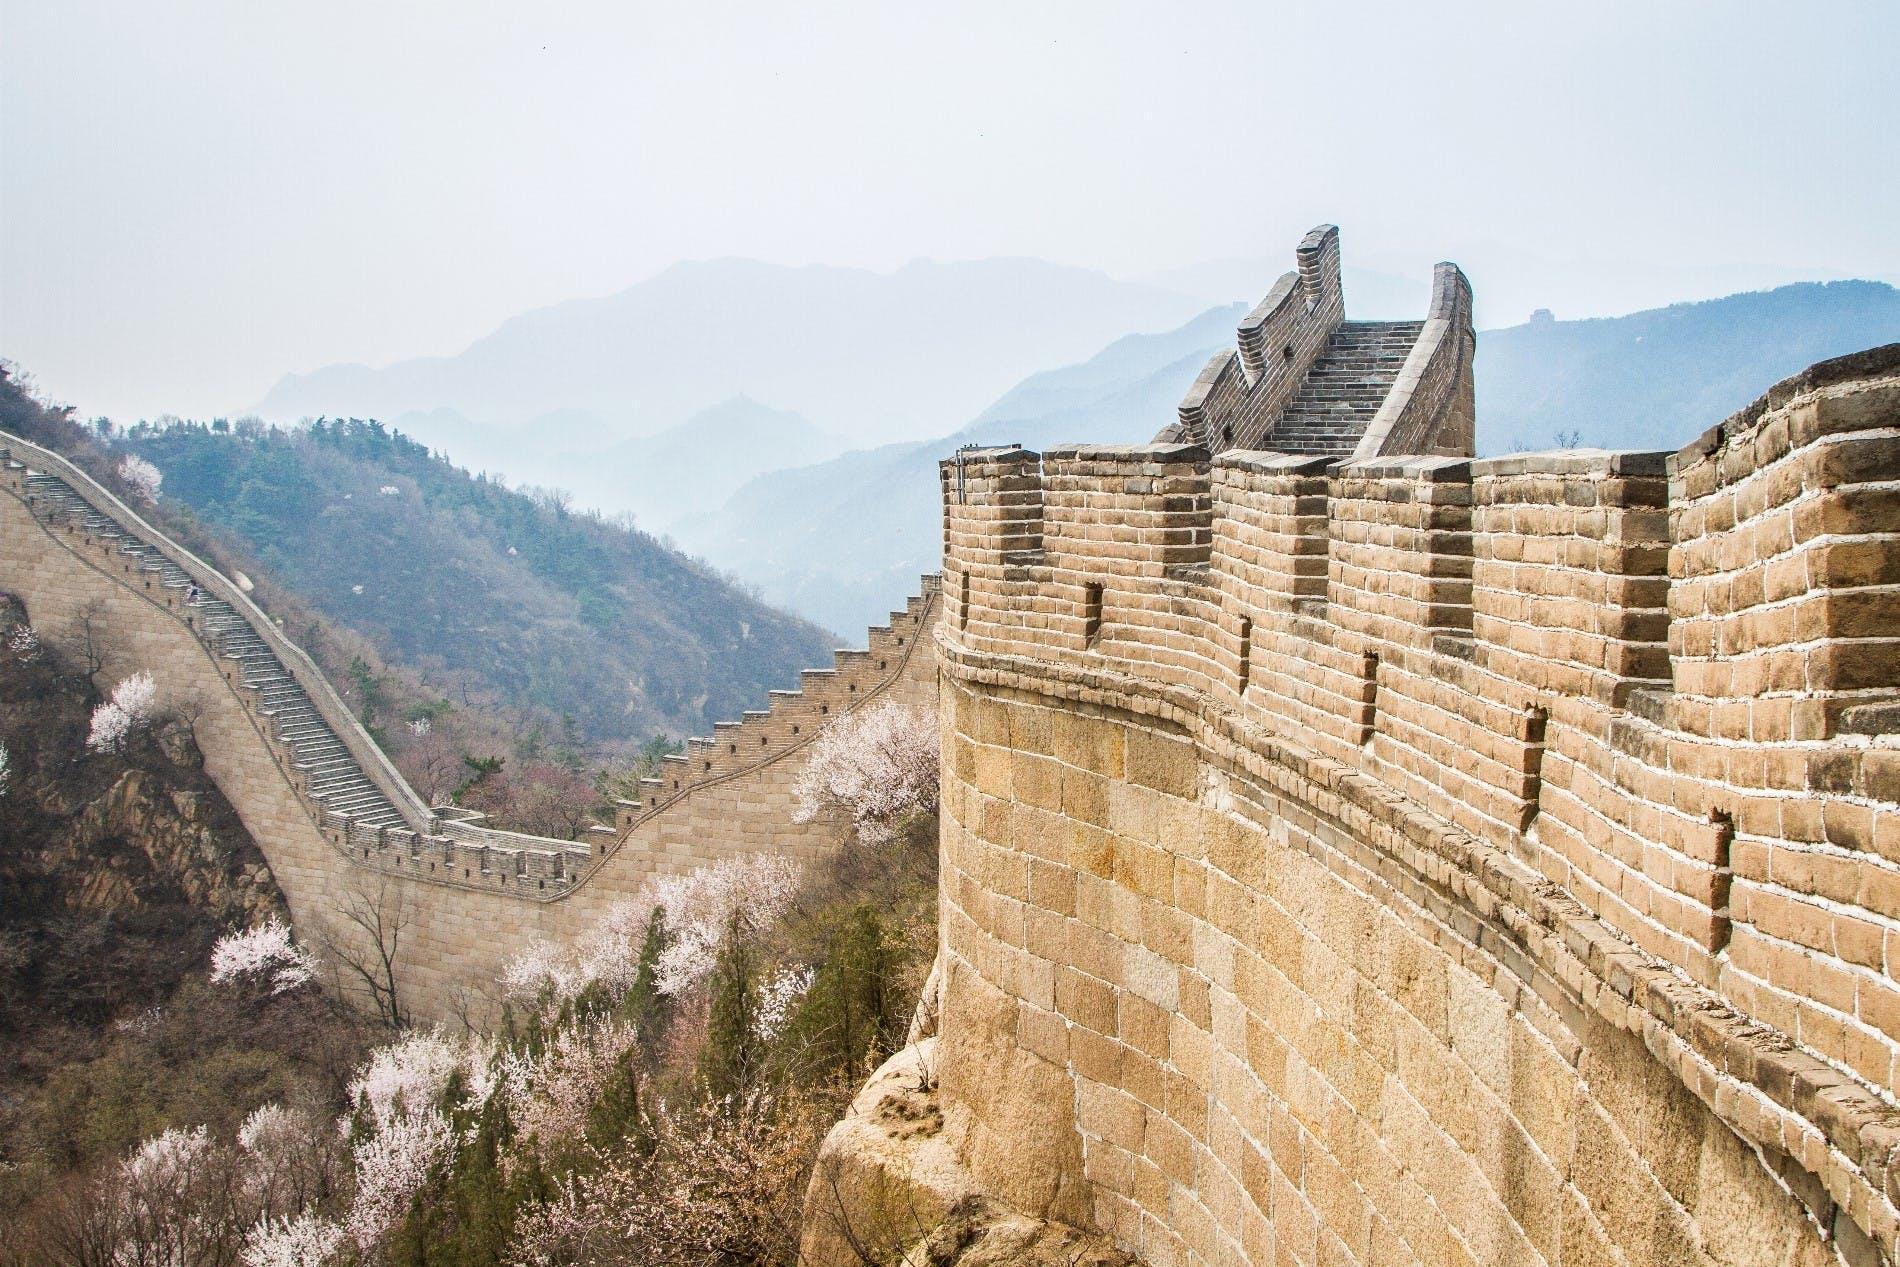 Tickets, museos, atracciones,Entradas a atracciones principales,Excursión a la Muralla China